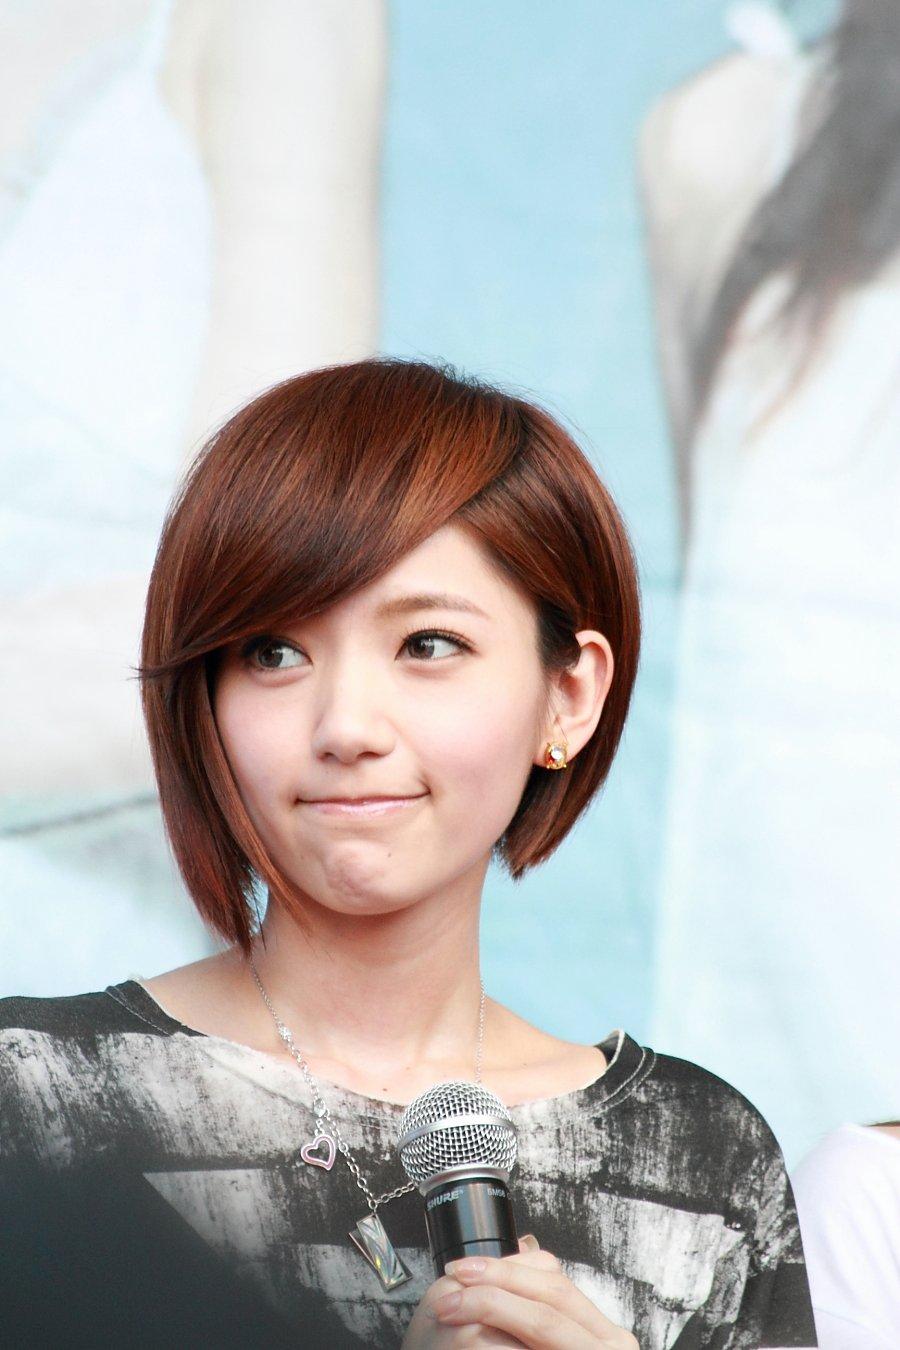 郭雪芙 饰黎儿 外表纯真可爱,萌到不行的少女 .